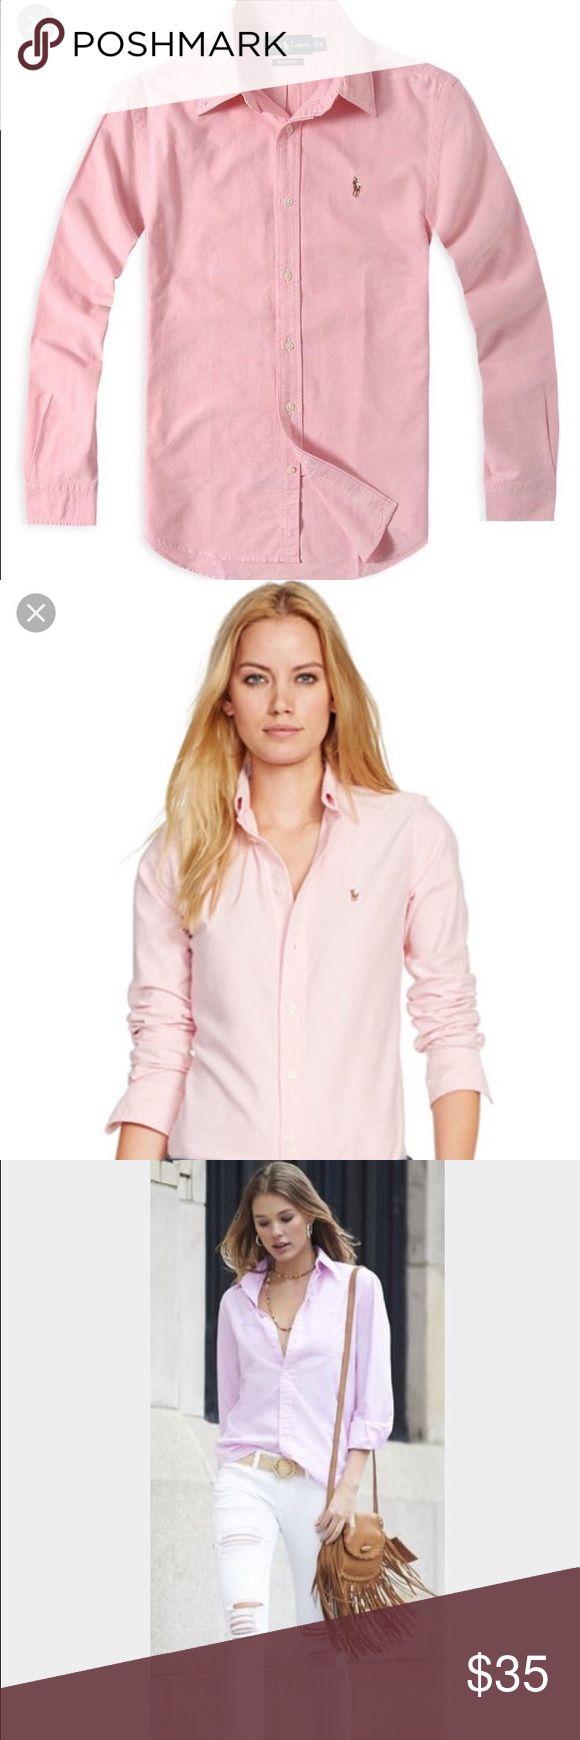 Pink Ralph Lauren Women's oxford shirt Light pink button up oxford Ralph Lauren shirt. 100% cotton. Long sleeve. Ralph Lauren Tops Button Down Shirts